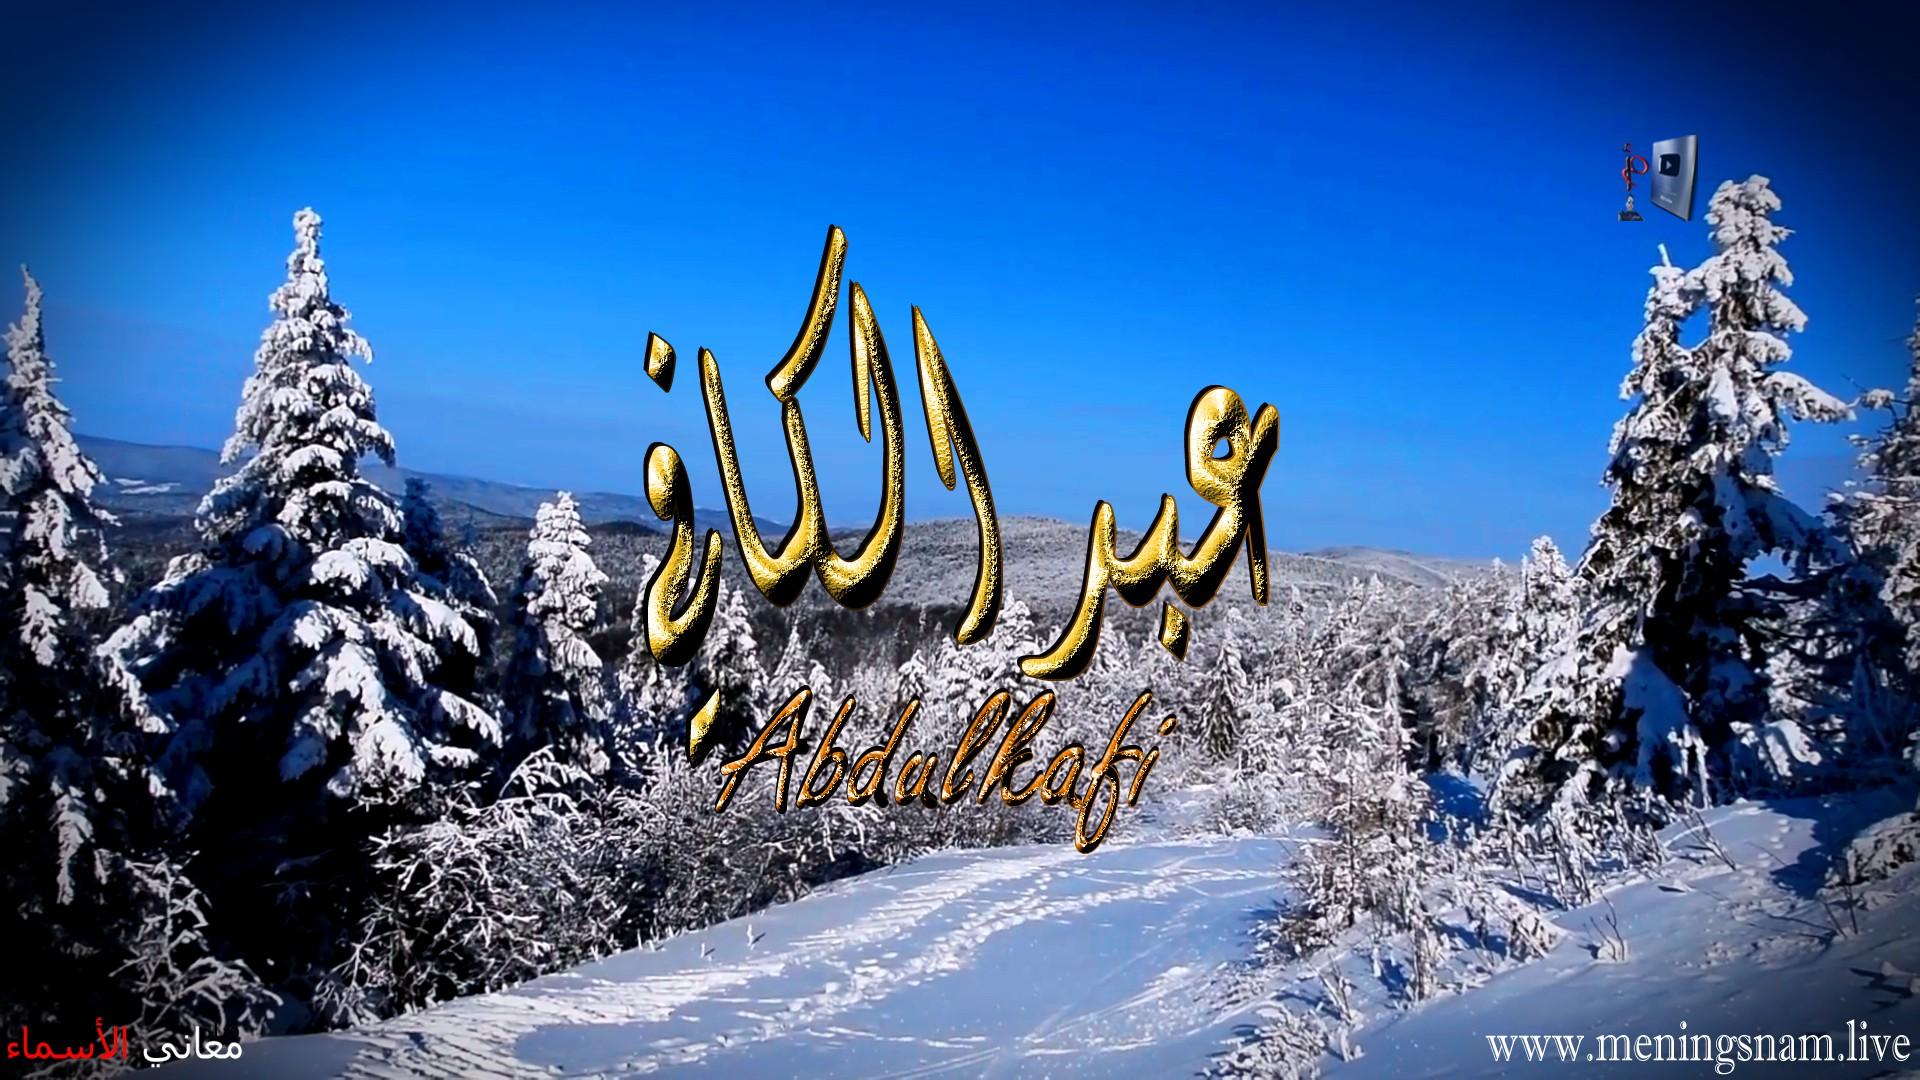 معنى اسم عبد الكافي وصفات حامل هذا الاسم Abdulkafi